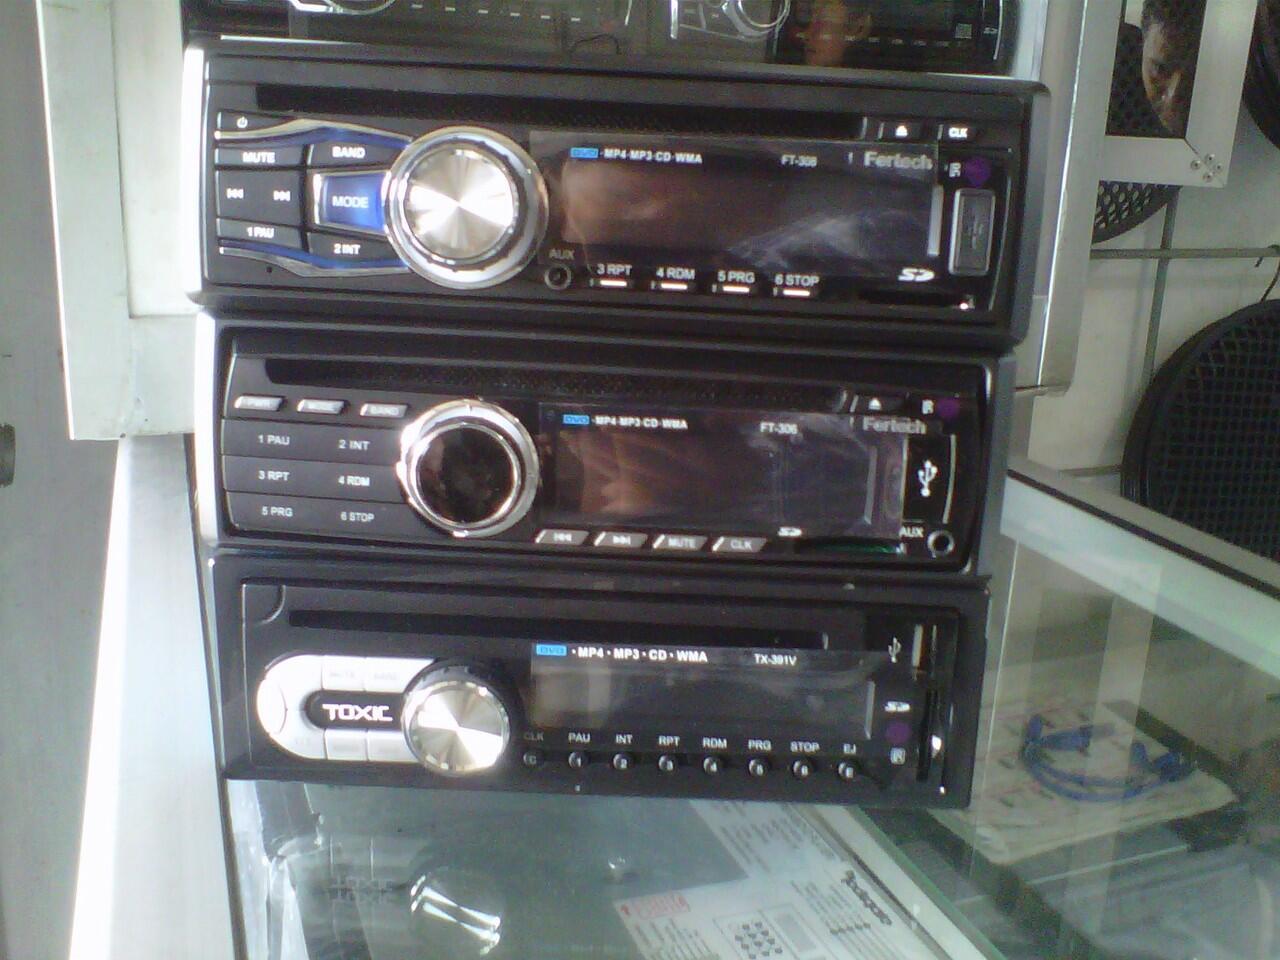 dvd +tv mobil cm 1jt Bandung (PANGGILAN)